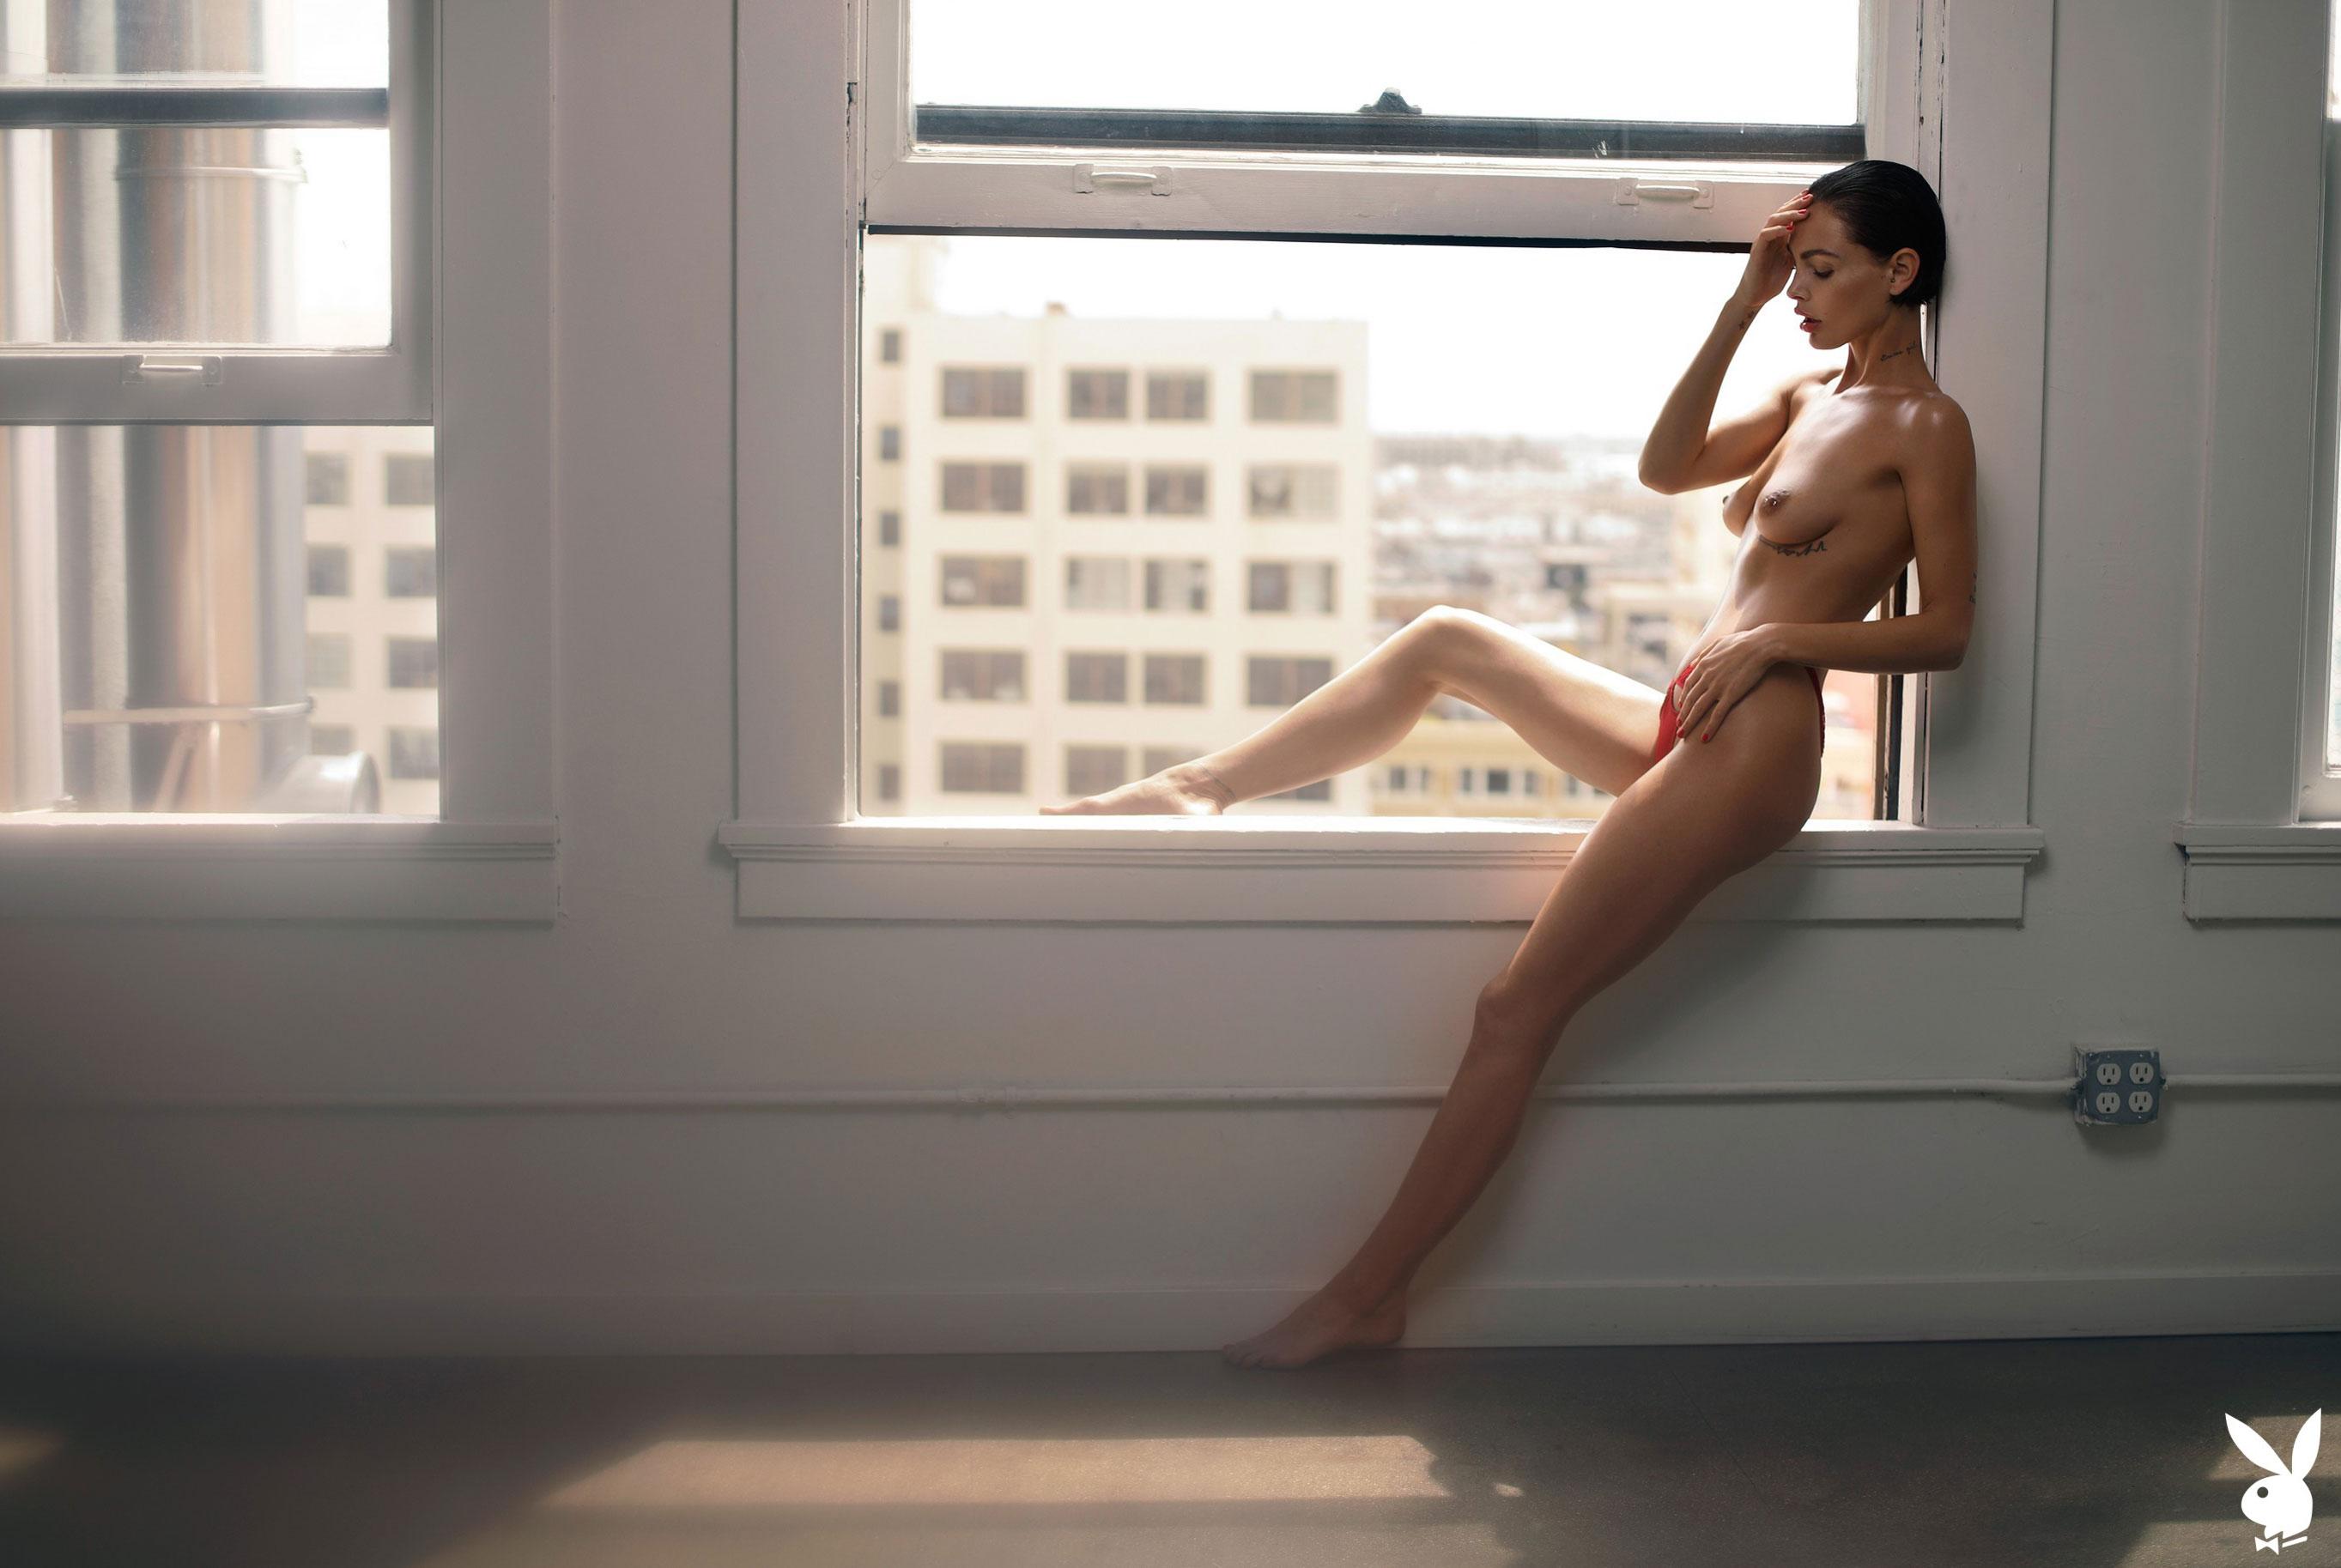 Мисс Июль 2019 американского Playboy Тила ЛаРу / фото 23